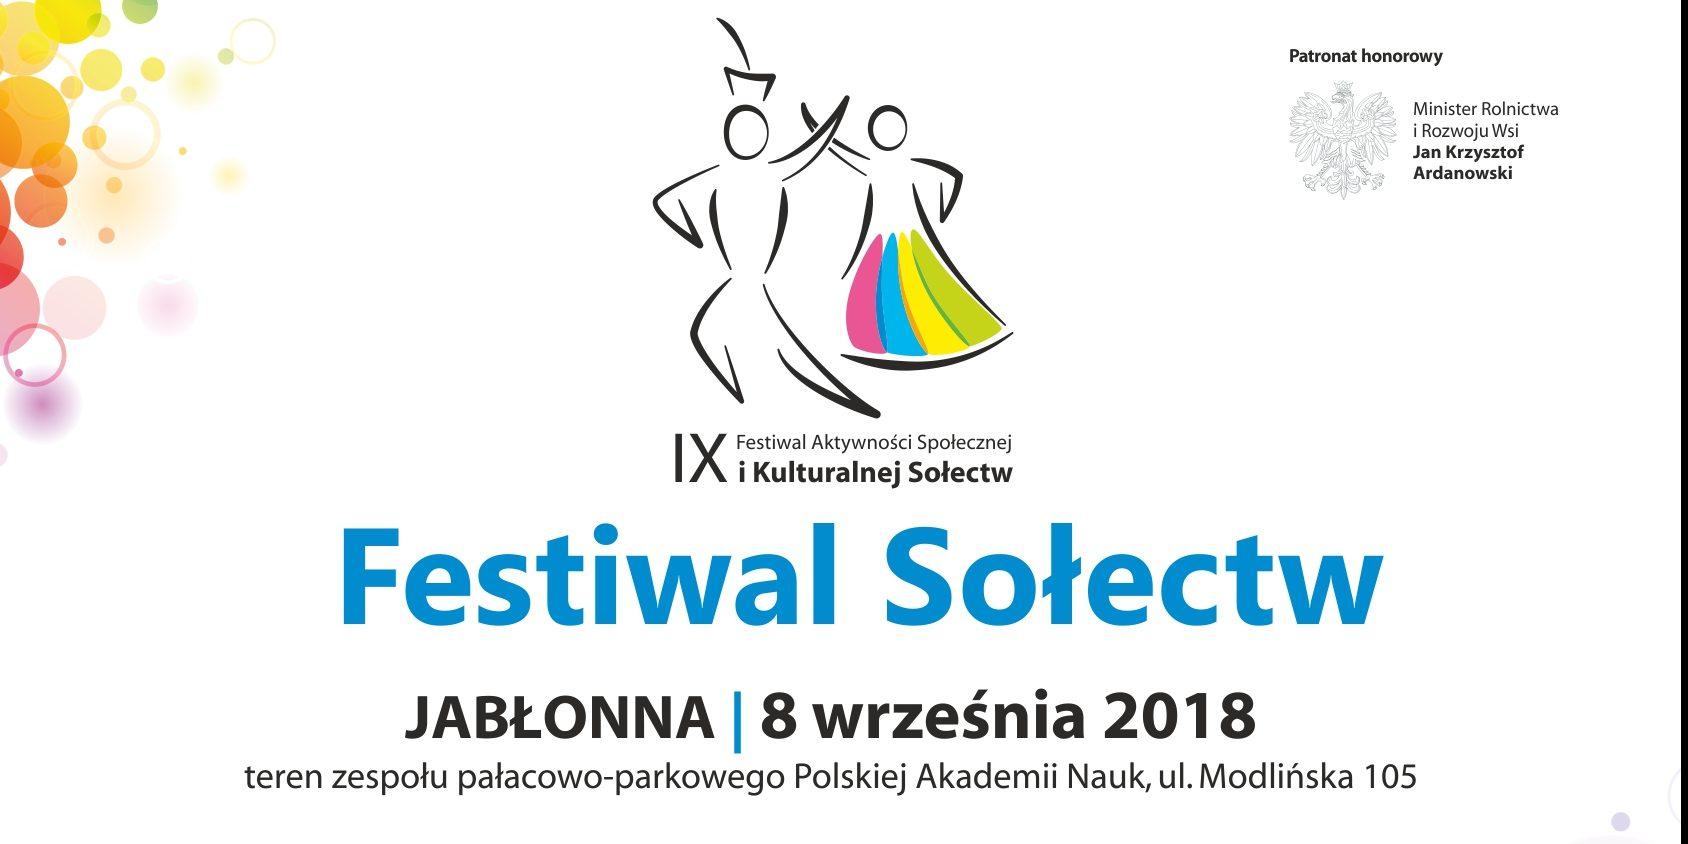 Jabłonna Ix Festiwal Aktywności Społecznej I Kulturalnej Sołectw